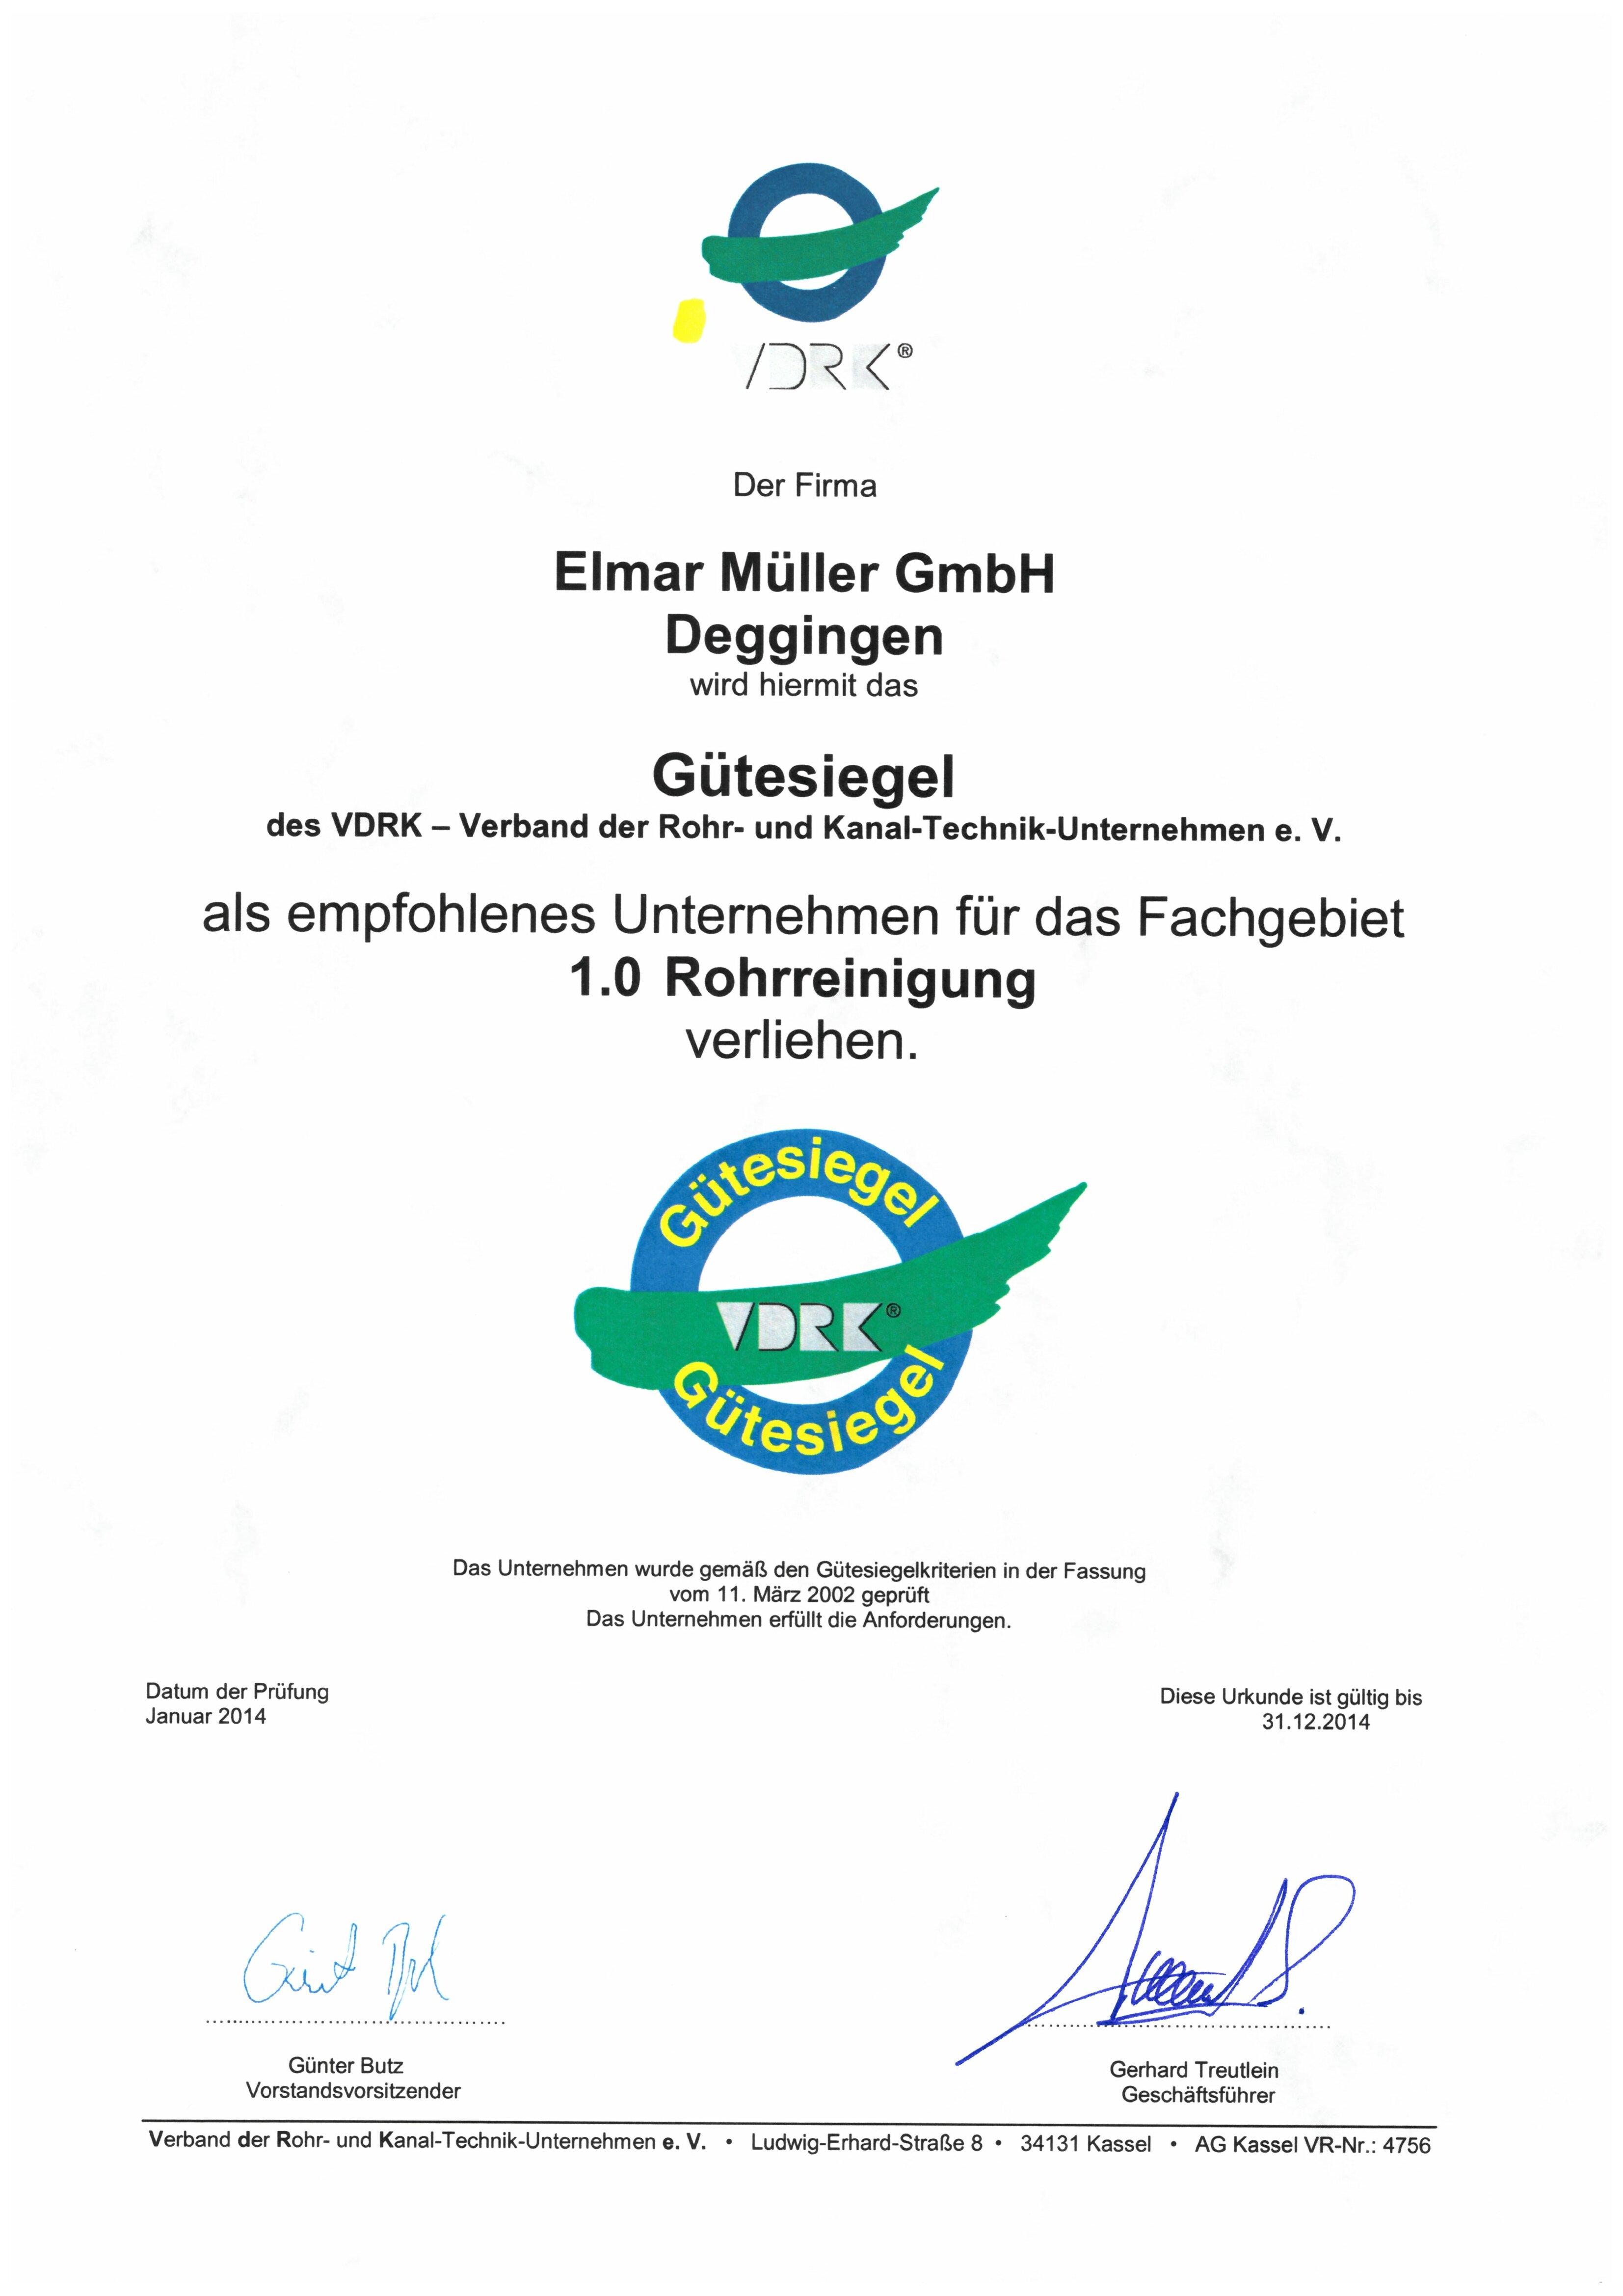 VDRK Gütesiegel als Empfohlenes Unternehmen für Rohrreinigung